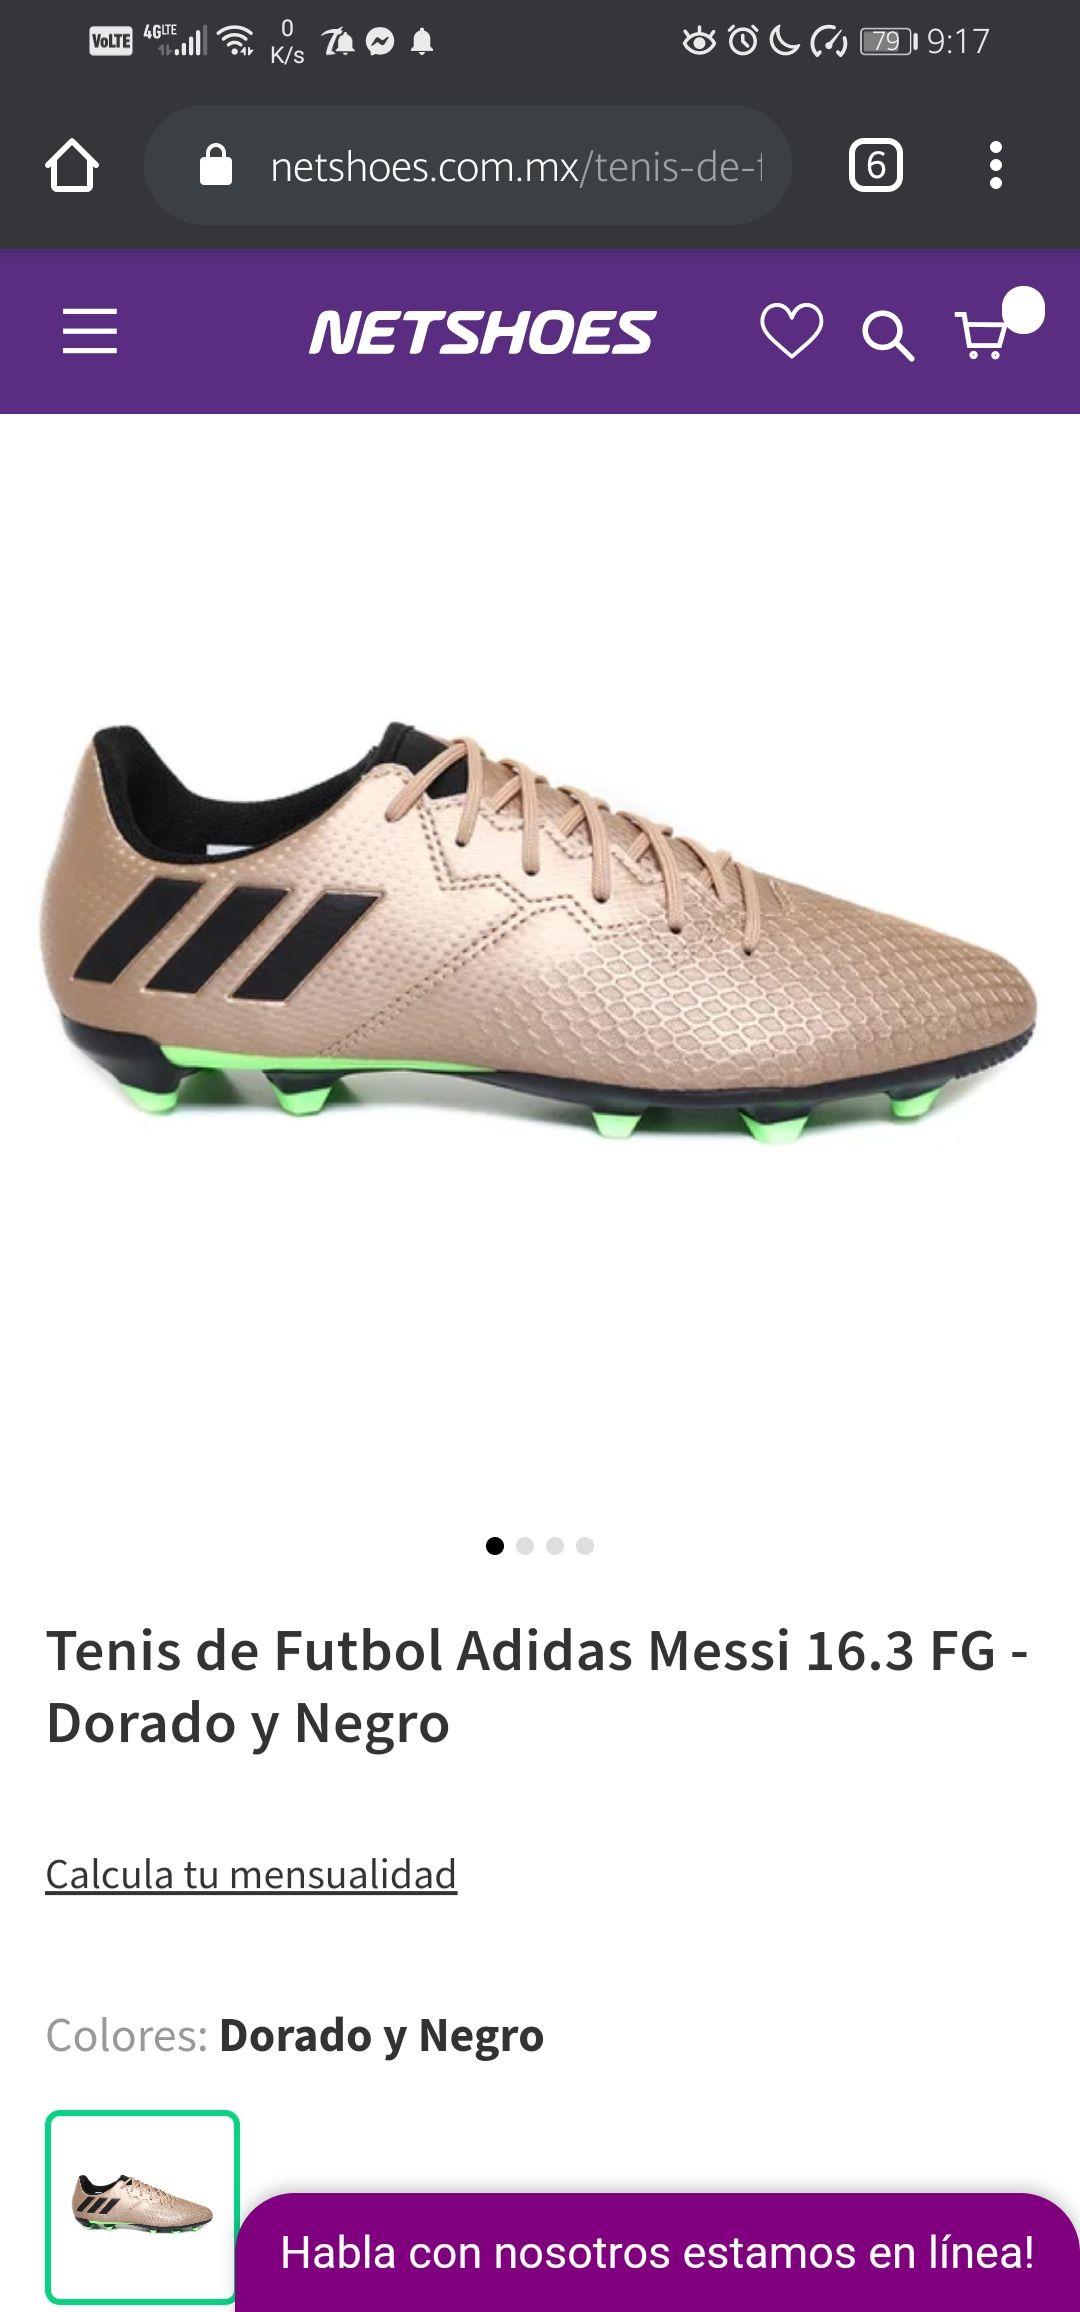 Netshoes Tenis Adidas Messi 16.3 FG